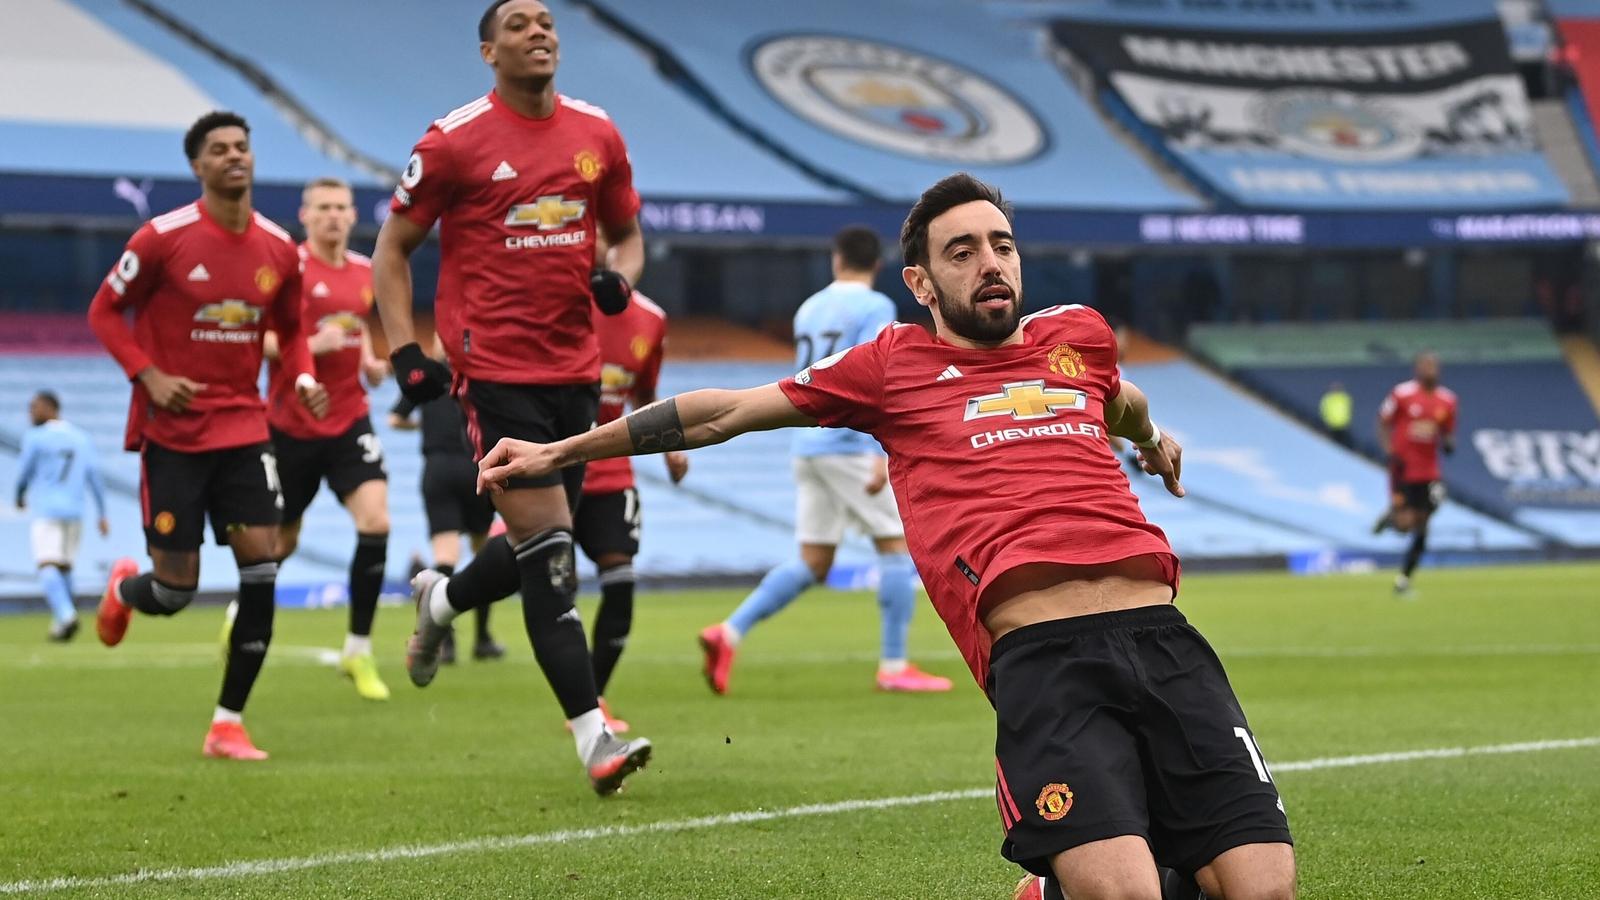 Premier League: Man City 0-2 Man United - recap